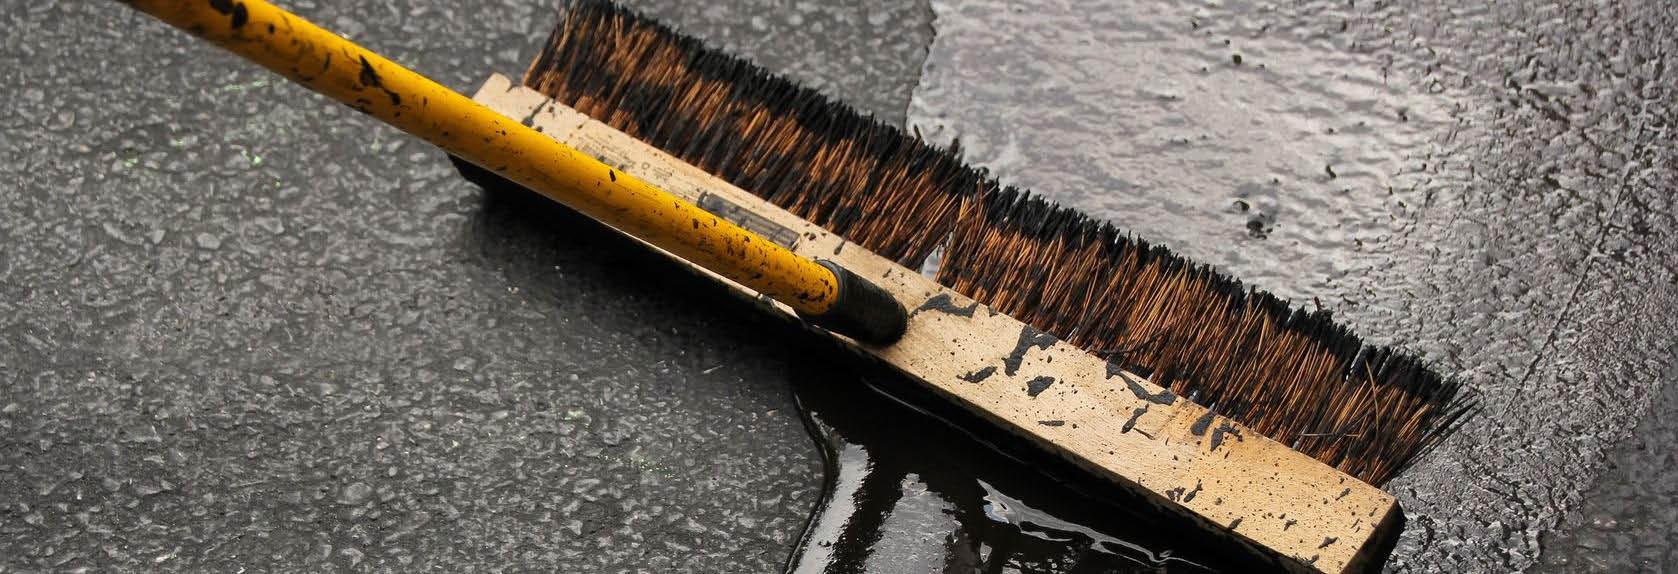 BLACKSTONE PAVING and EXCAVATING, blackstone, paving, valpak, excavating